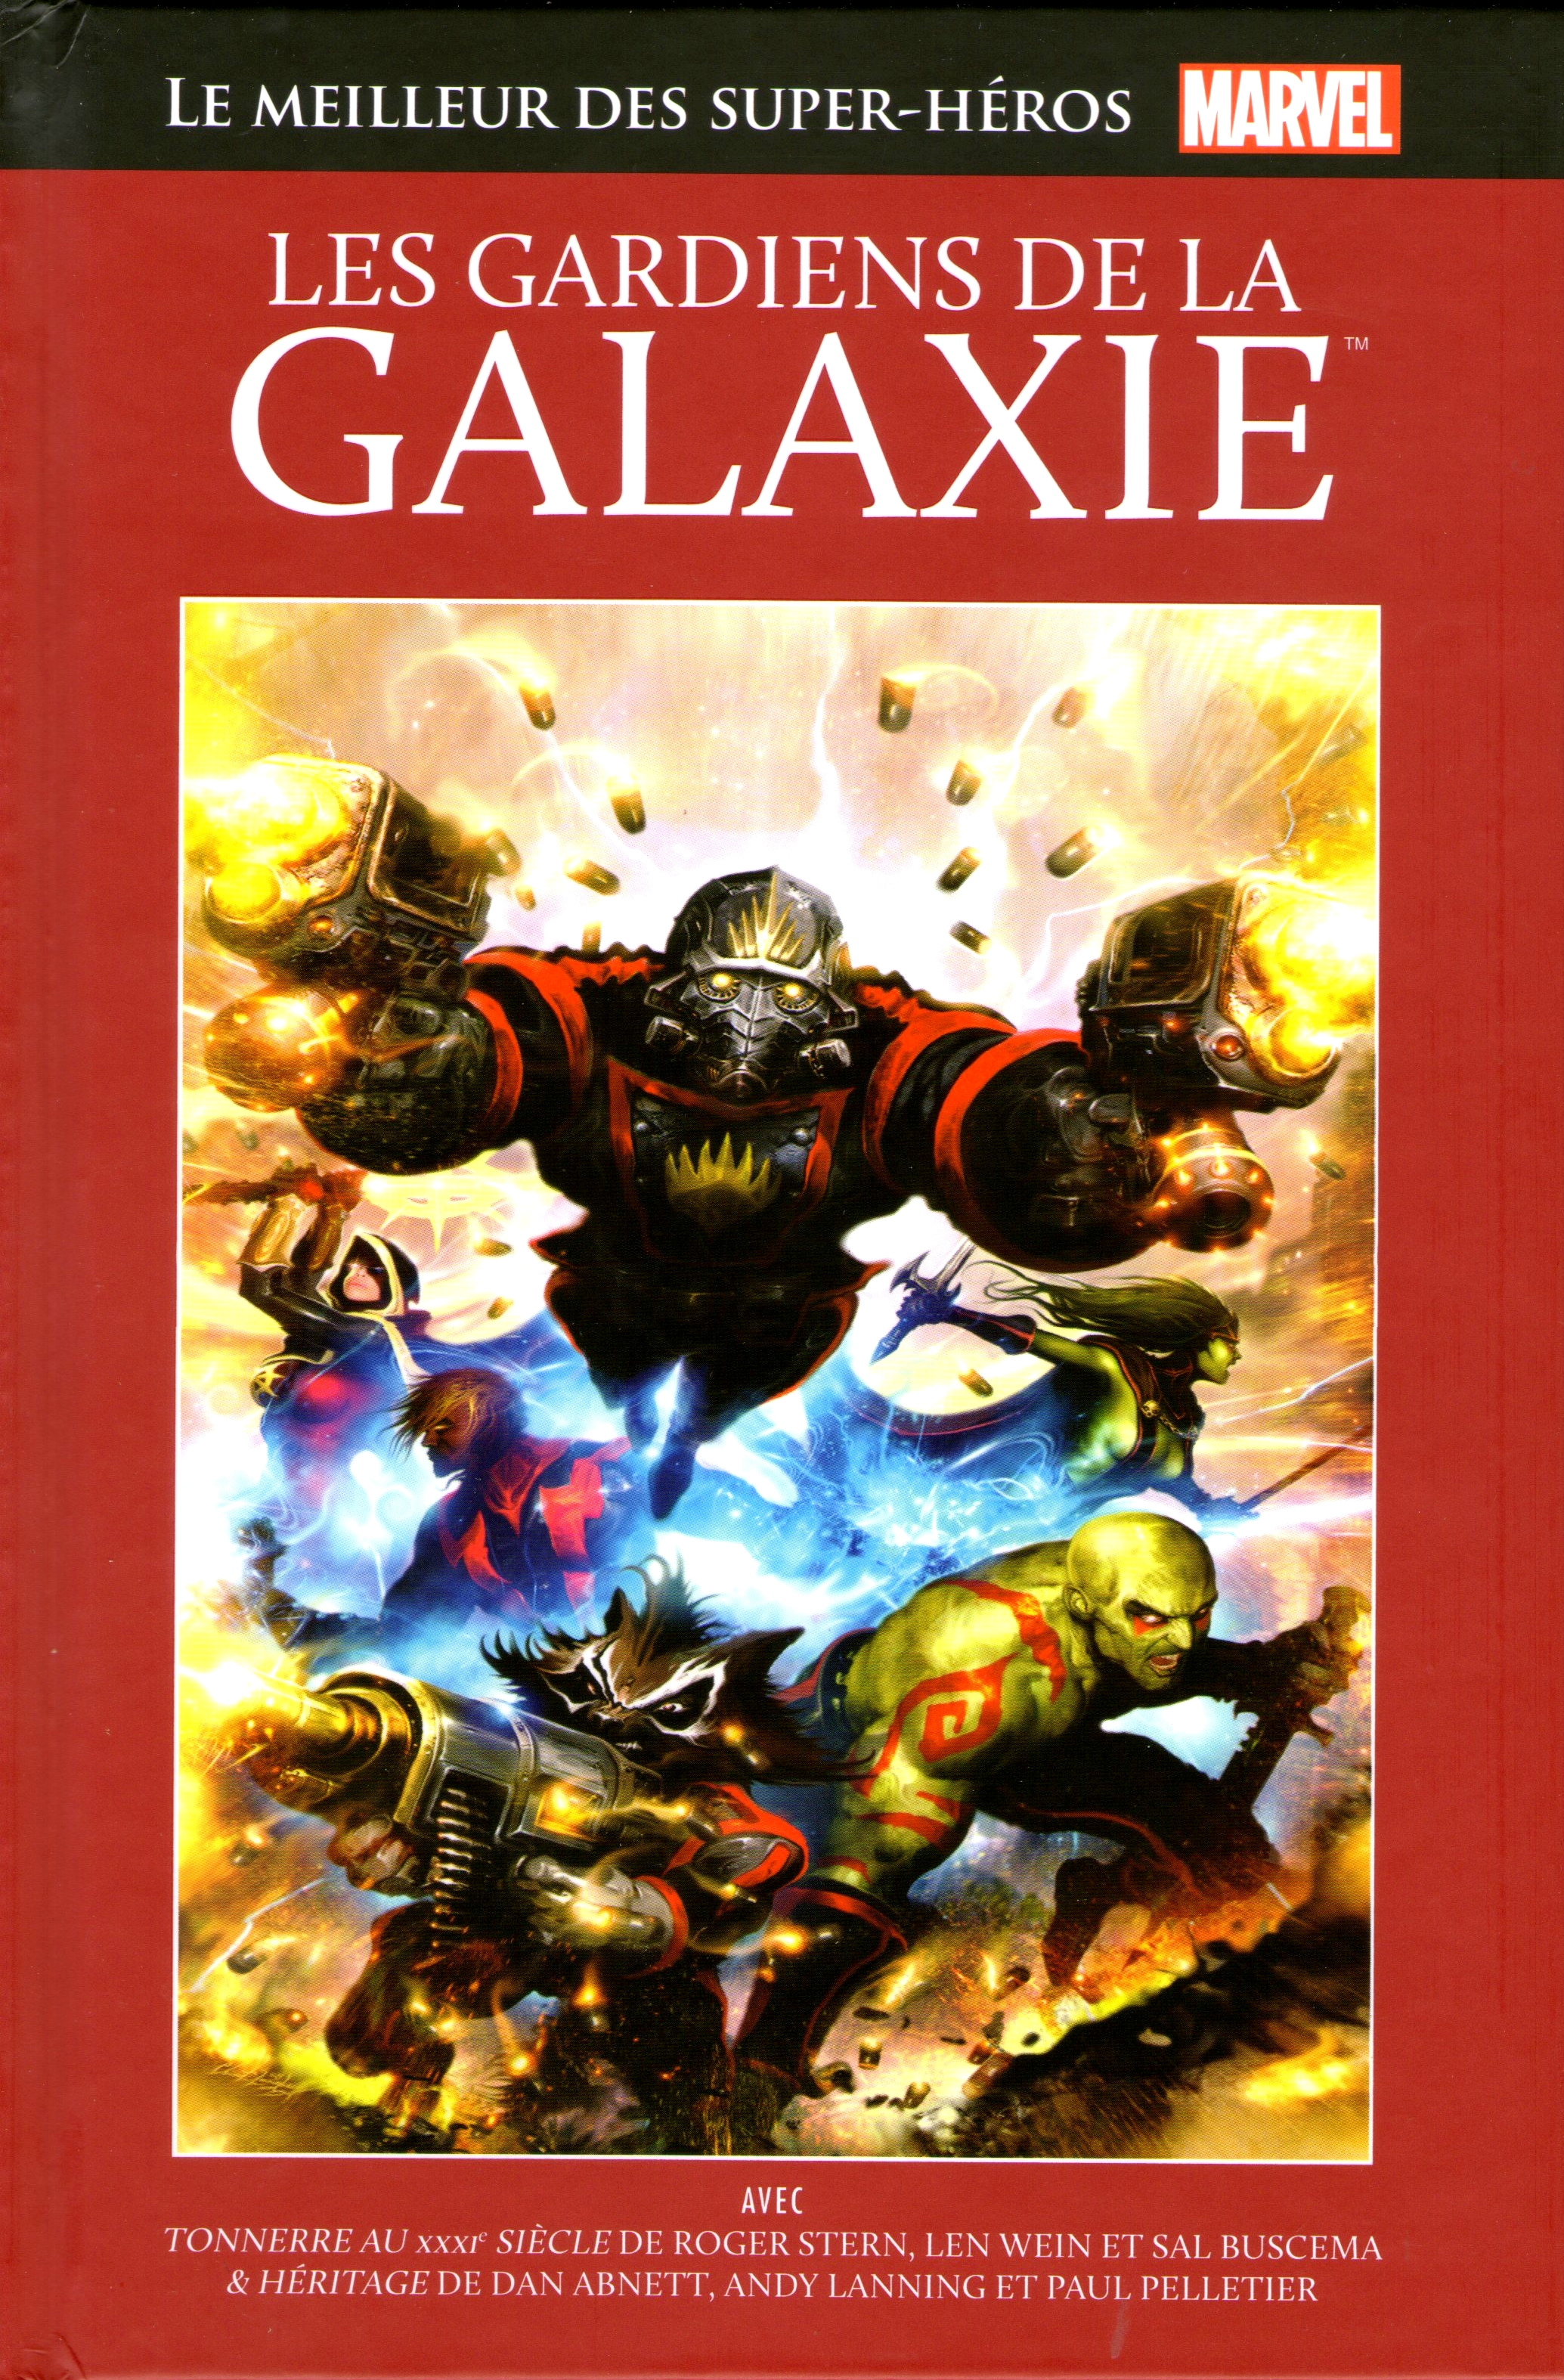 Le Meilleur des Super-Héros Marvel 11 - Les Gardiens de la Galaxie